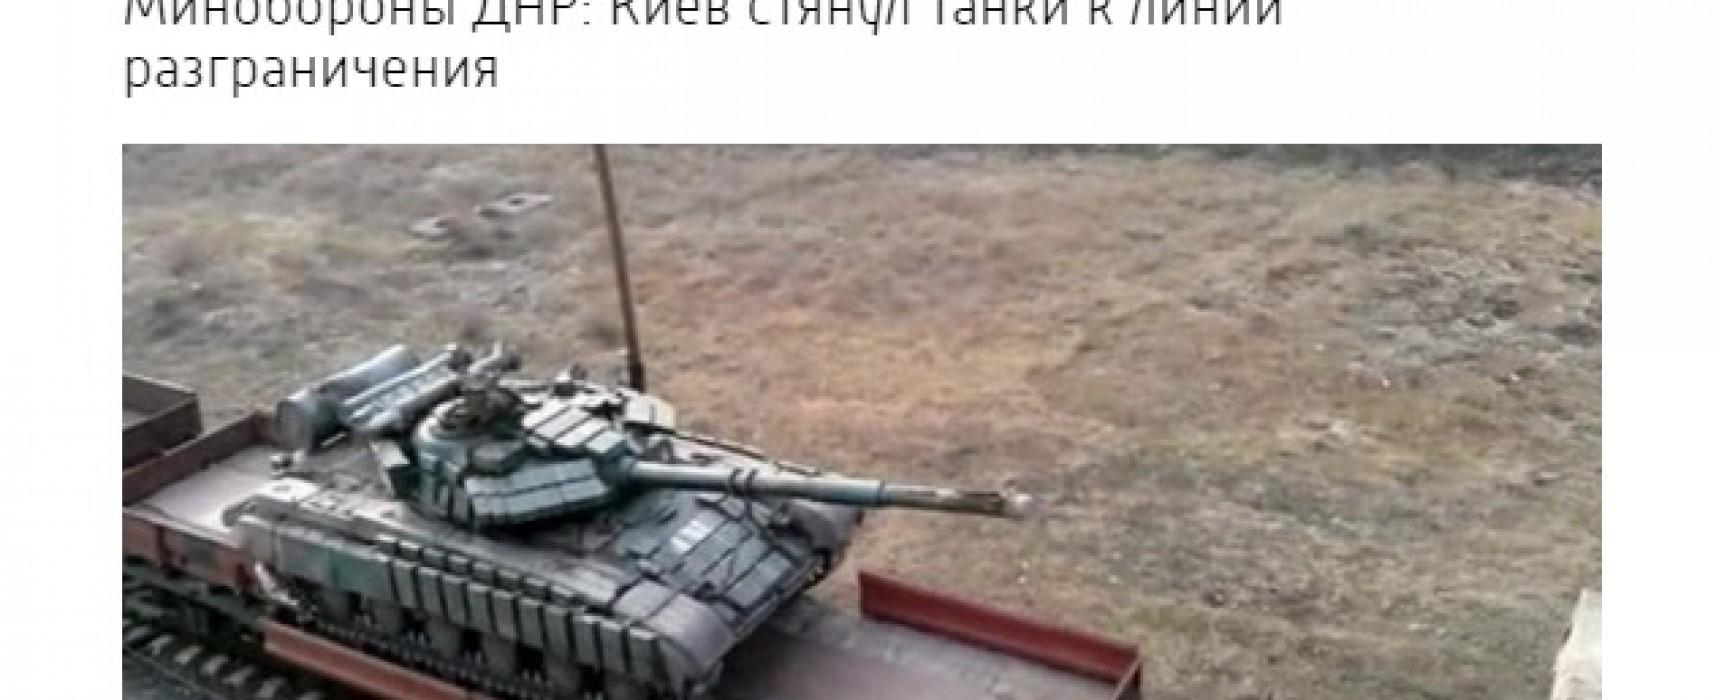 Foto falsa: la confluencia de los tanques ucranianos en la zona de ATO